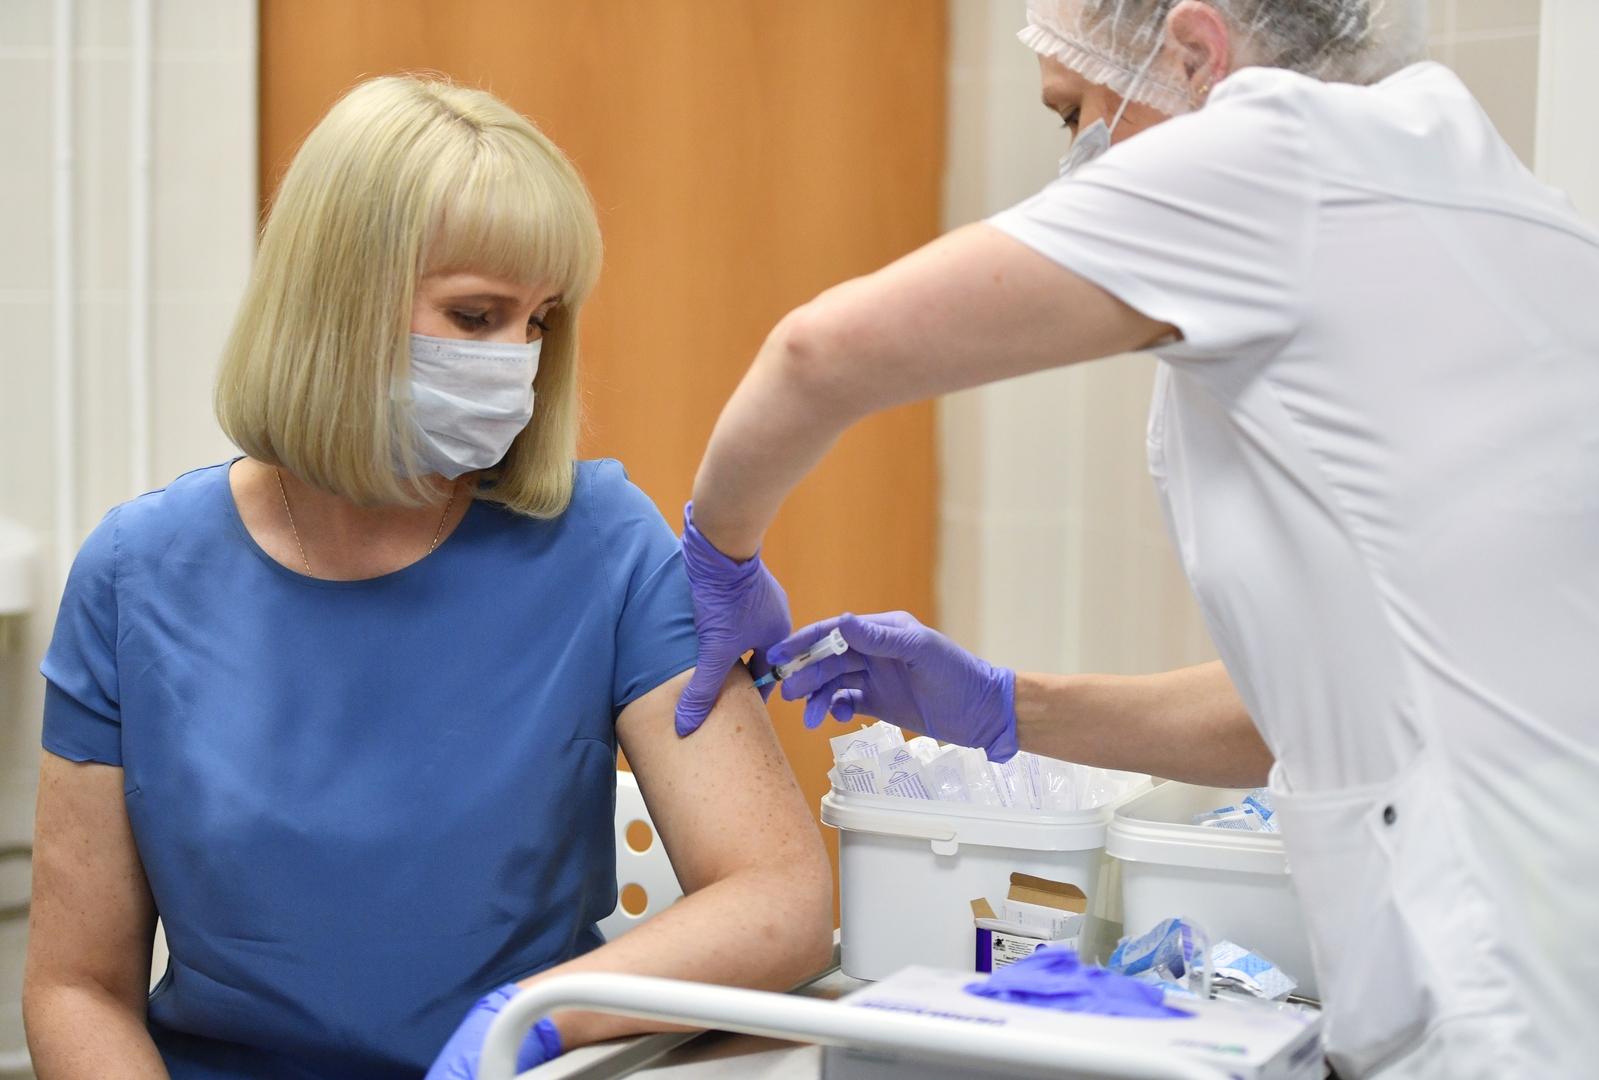 نصائح للمتطوعين في تجارب اللقاح الروسي لما بعد التسجيل